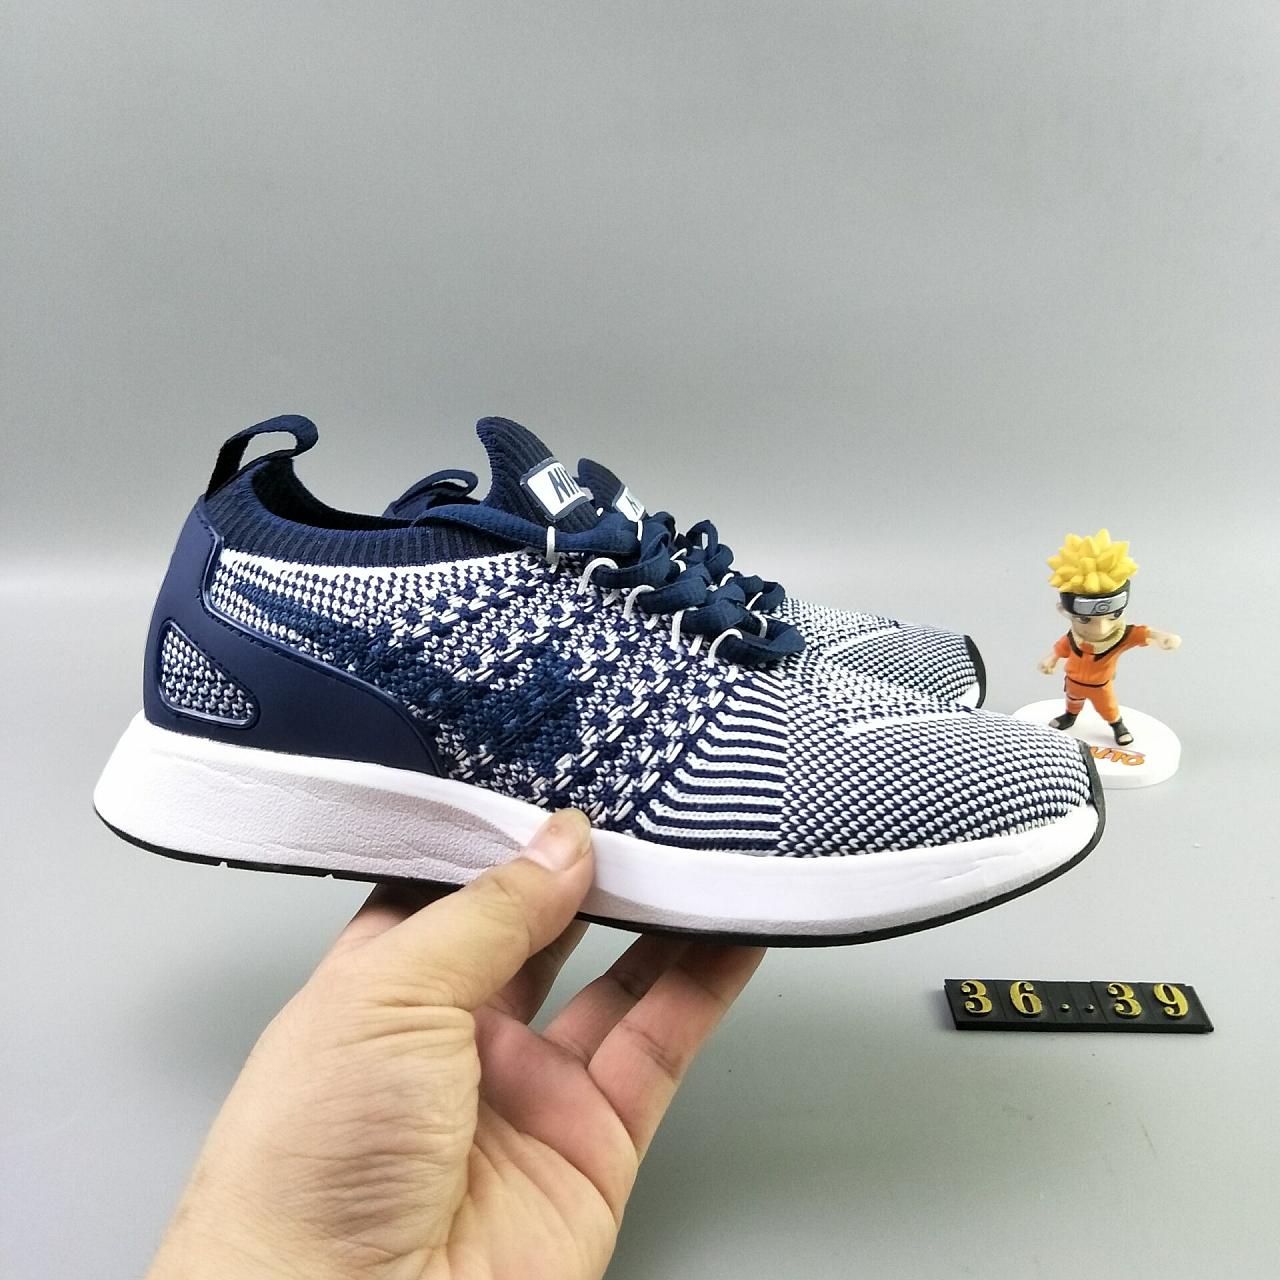 耐克跑鞋最新�_耐克nike /strong> air max jewell 气垫运动鞋